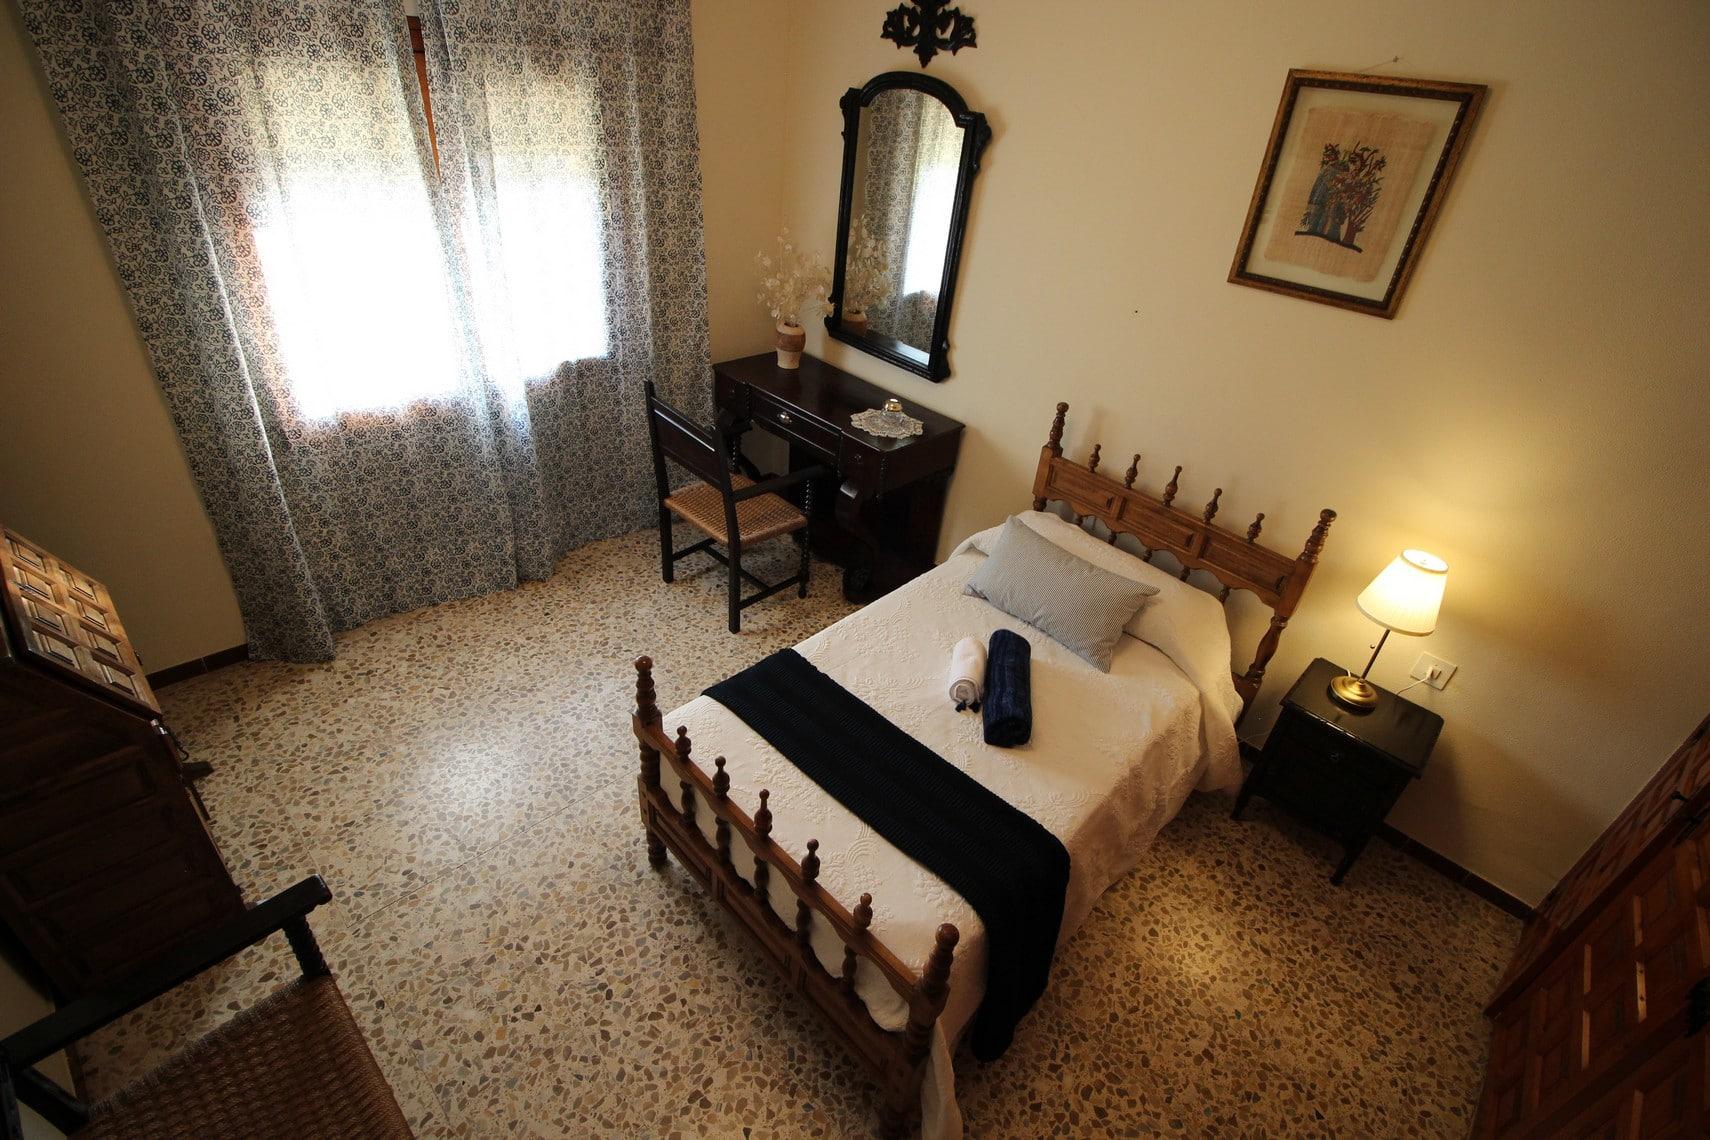 habitación1_las_hazas jarandilla013